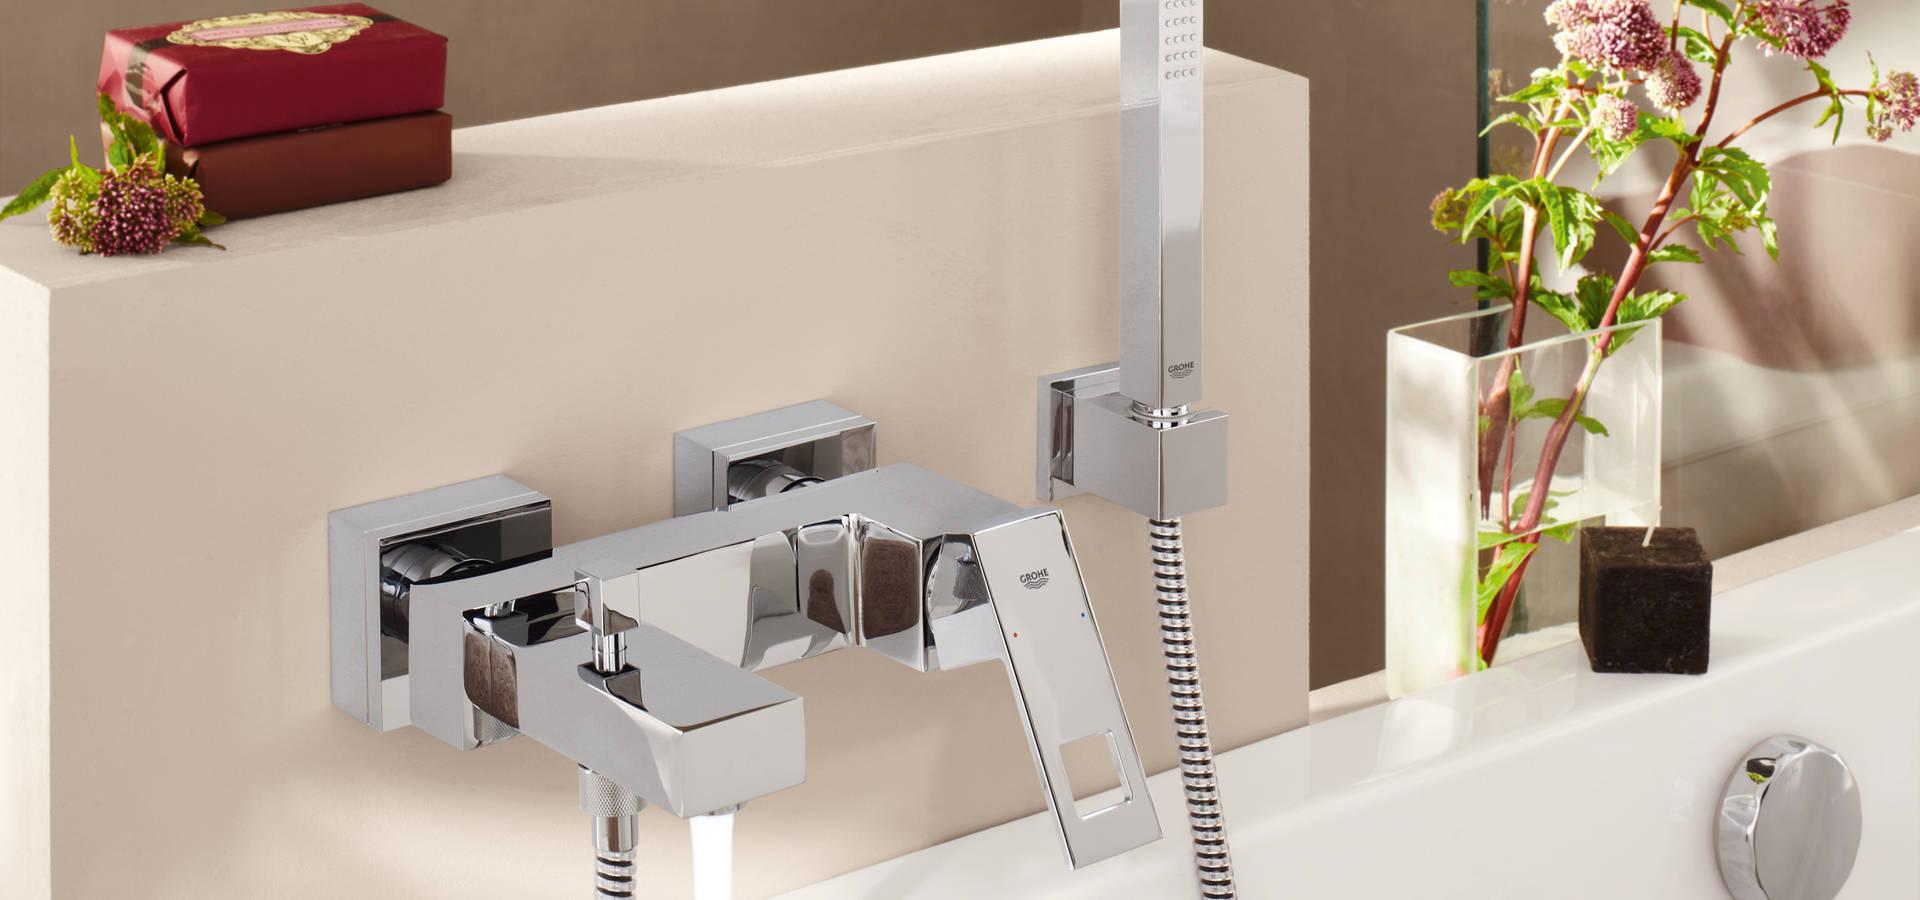 grohe f digital deluxe por grohe nederland bv homify. Black Bedroom Furniture Sets. Home Design Ideas